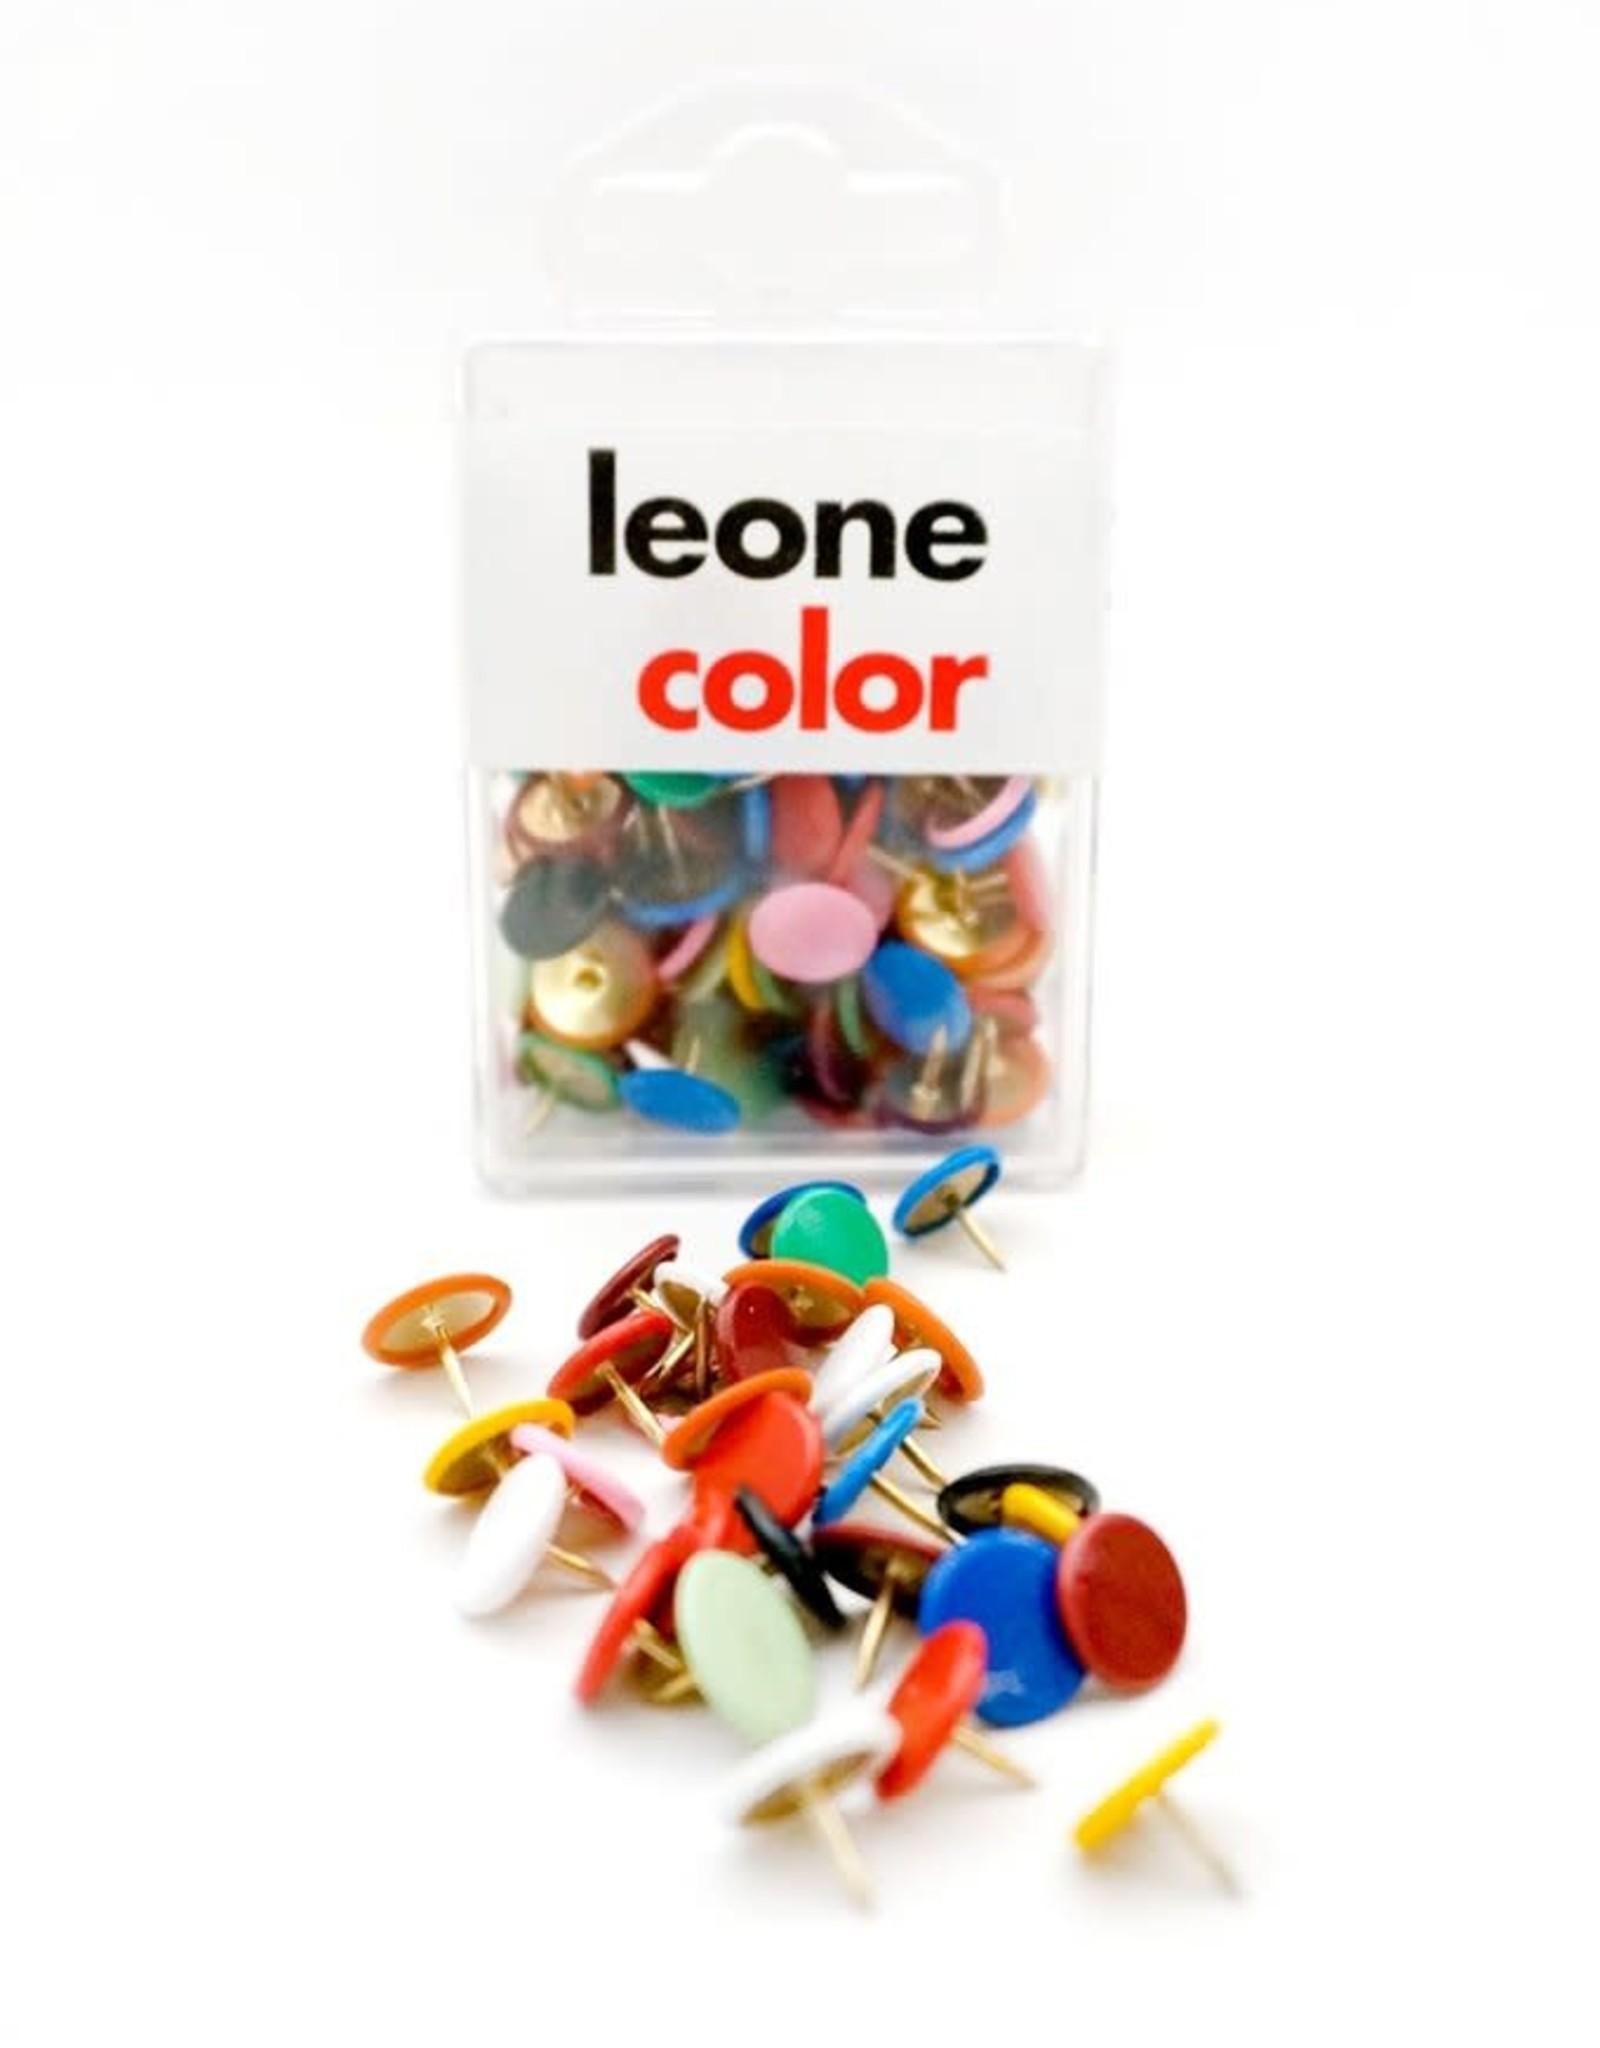 Leone Dellera Push Pins 150 ct box